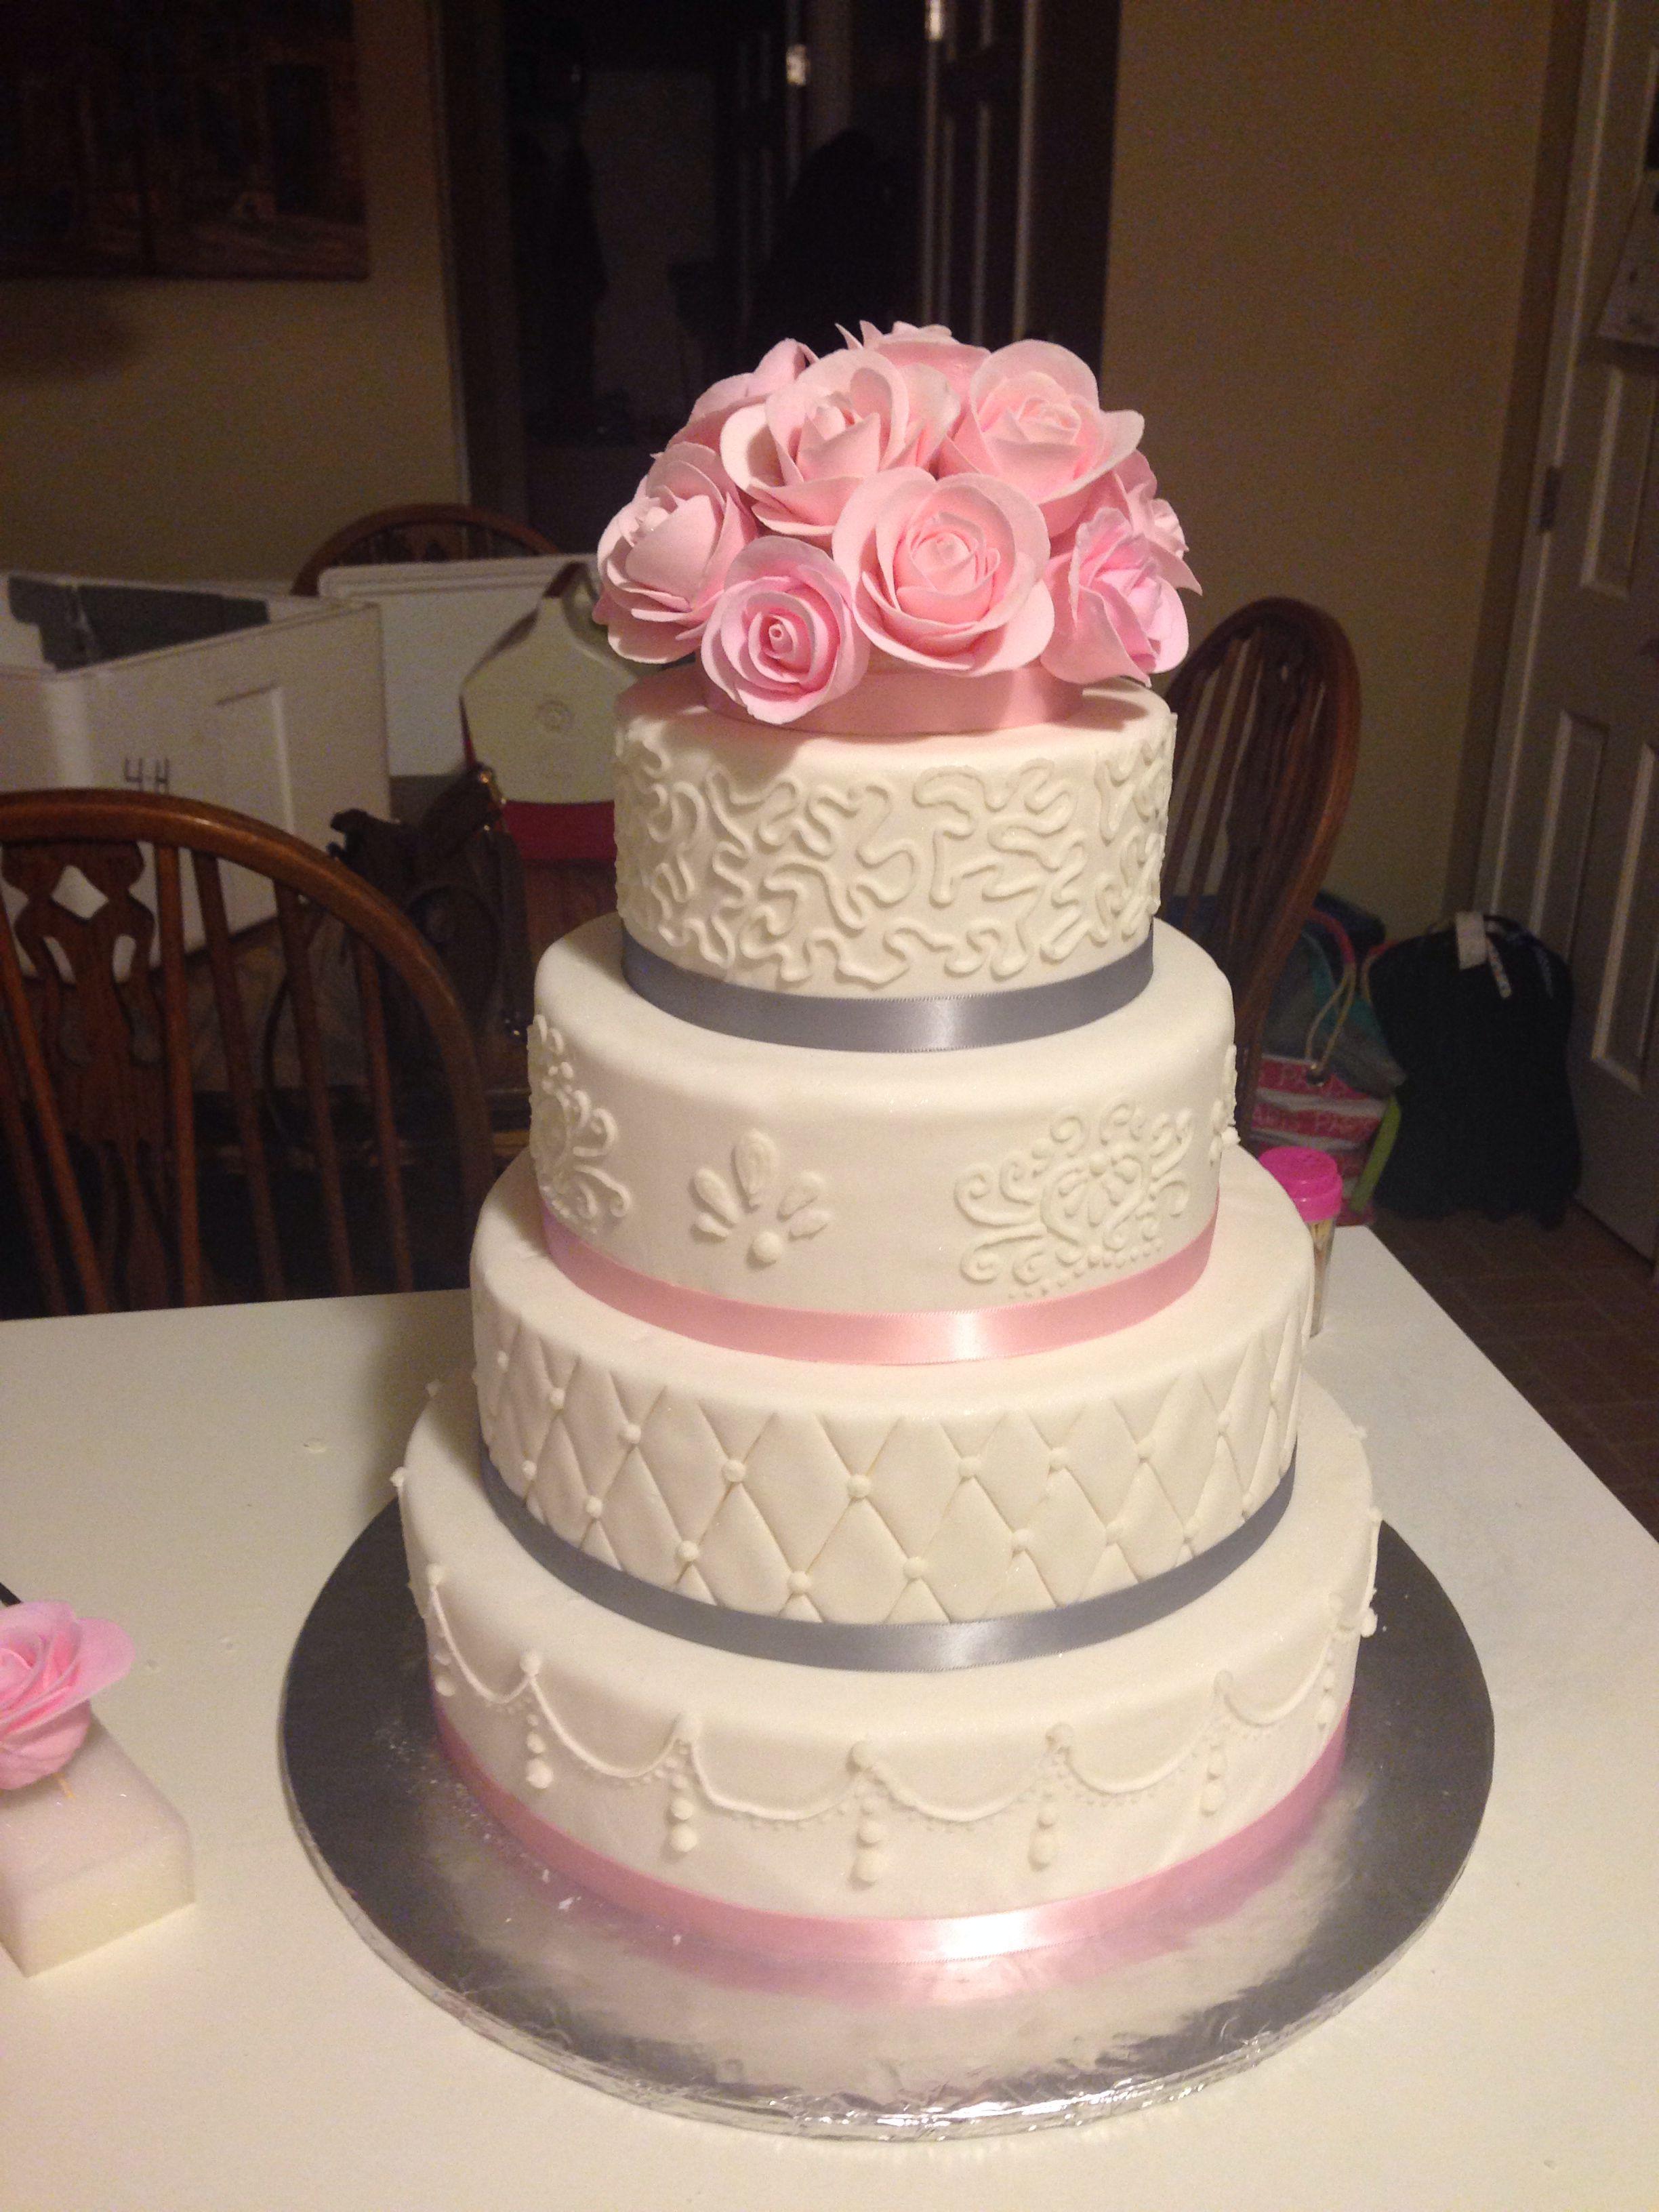 White, light pink and grey wedding cake. Pinkham paste